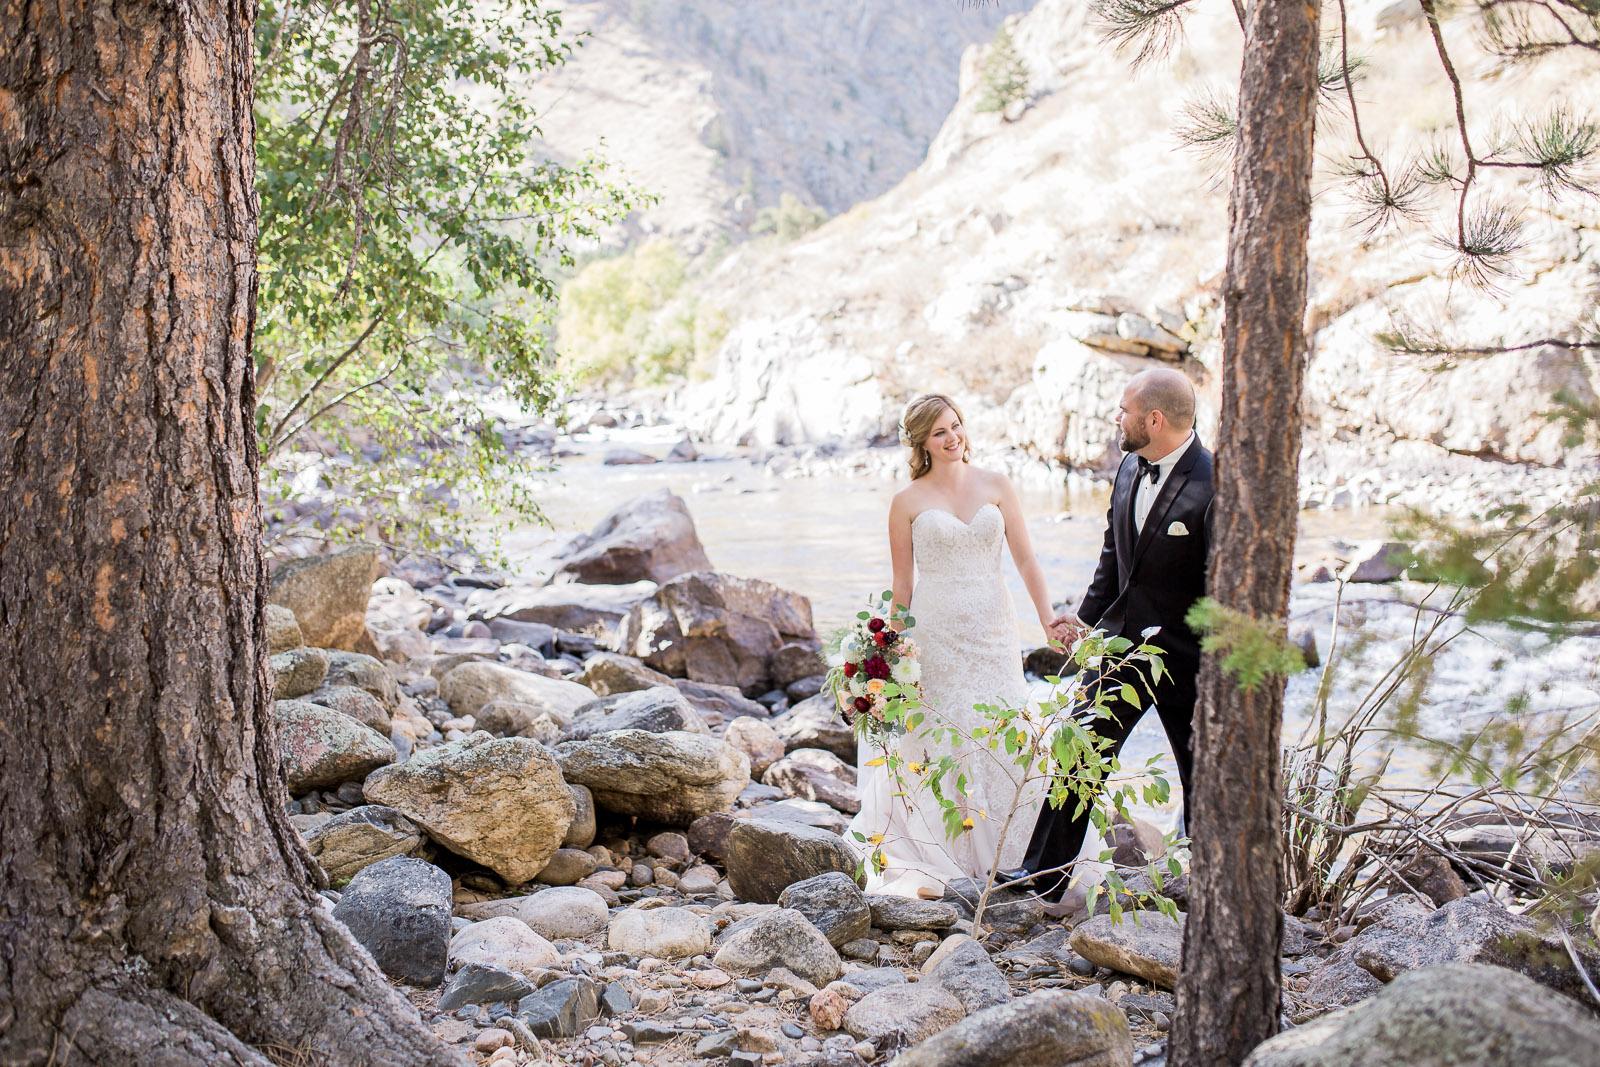 greenlee-wedding-blog-1-2